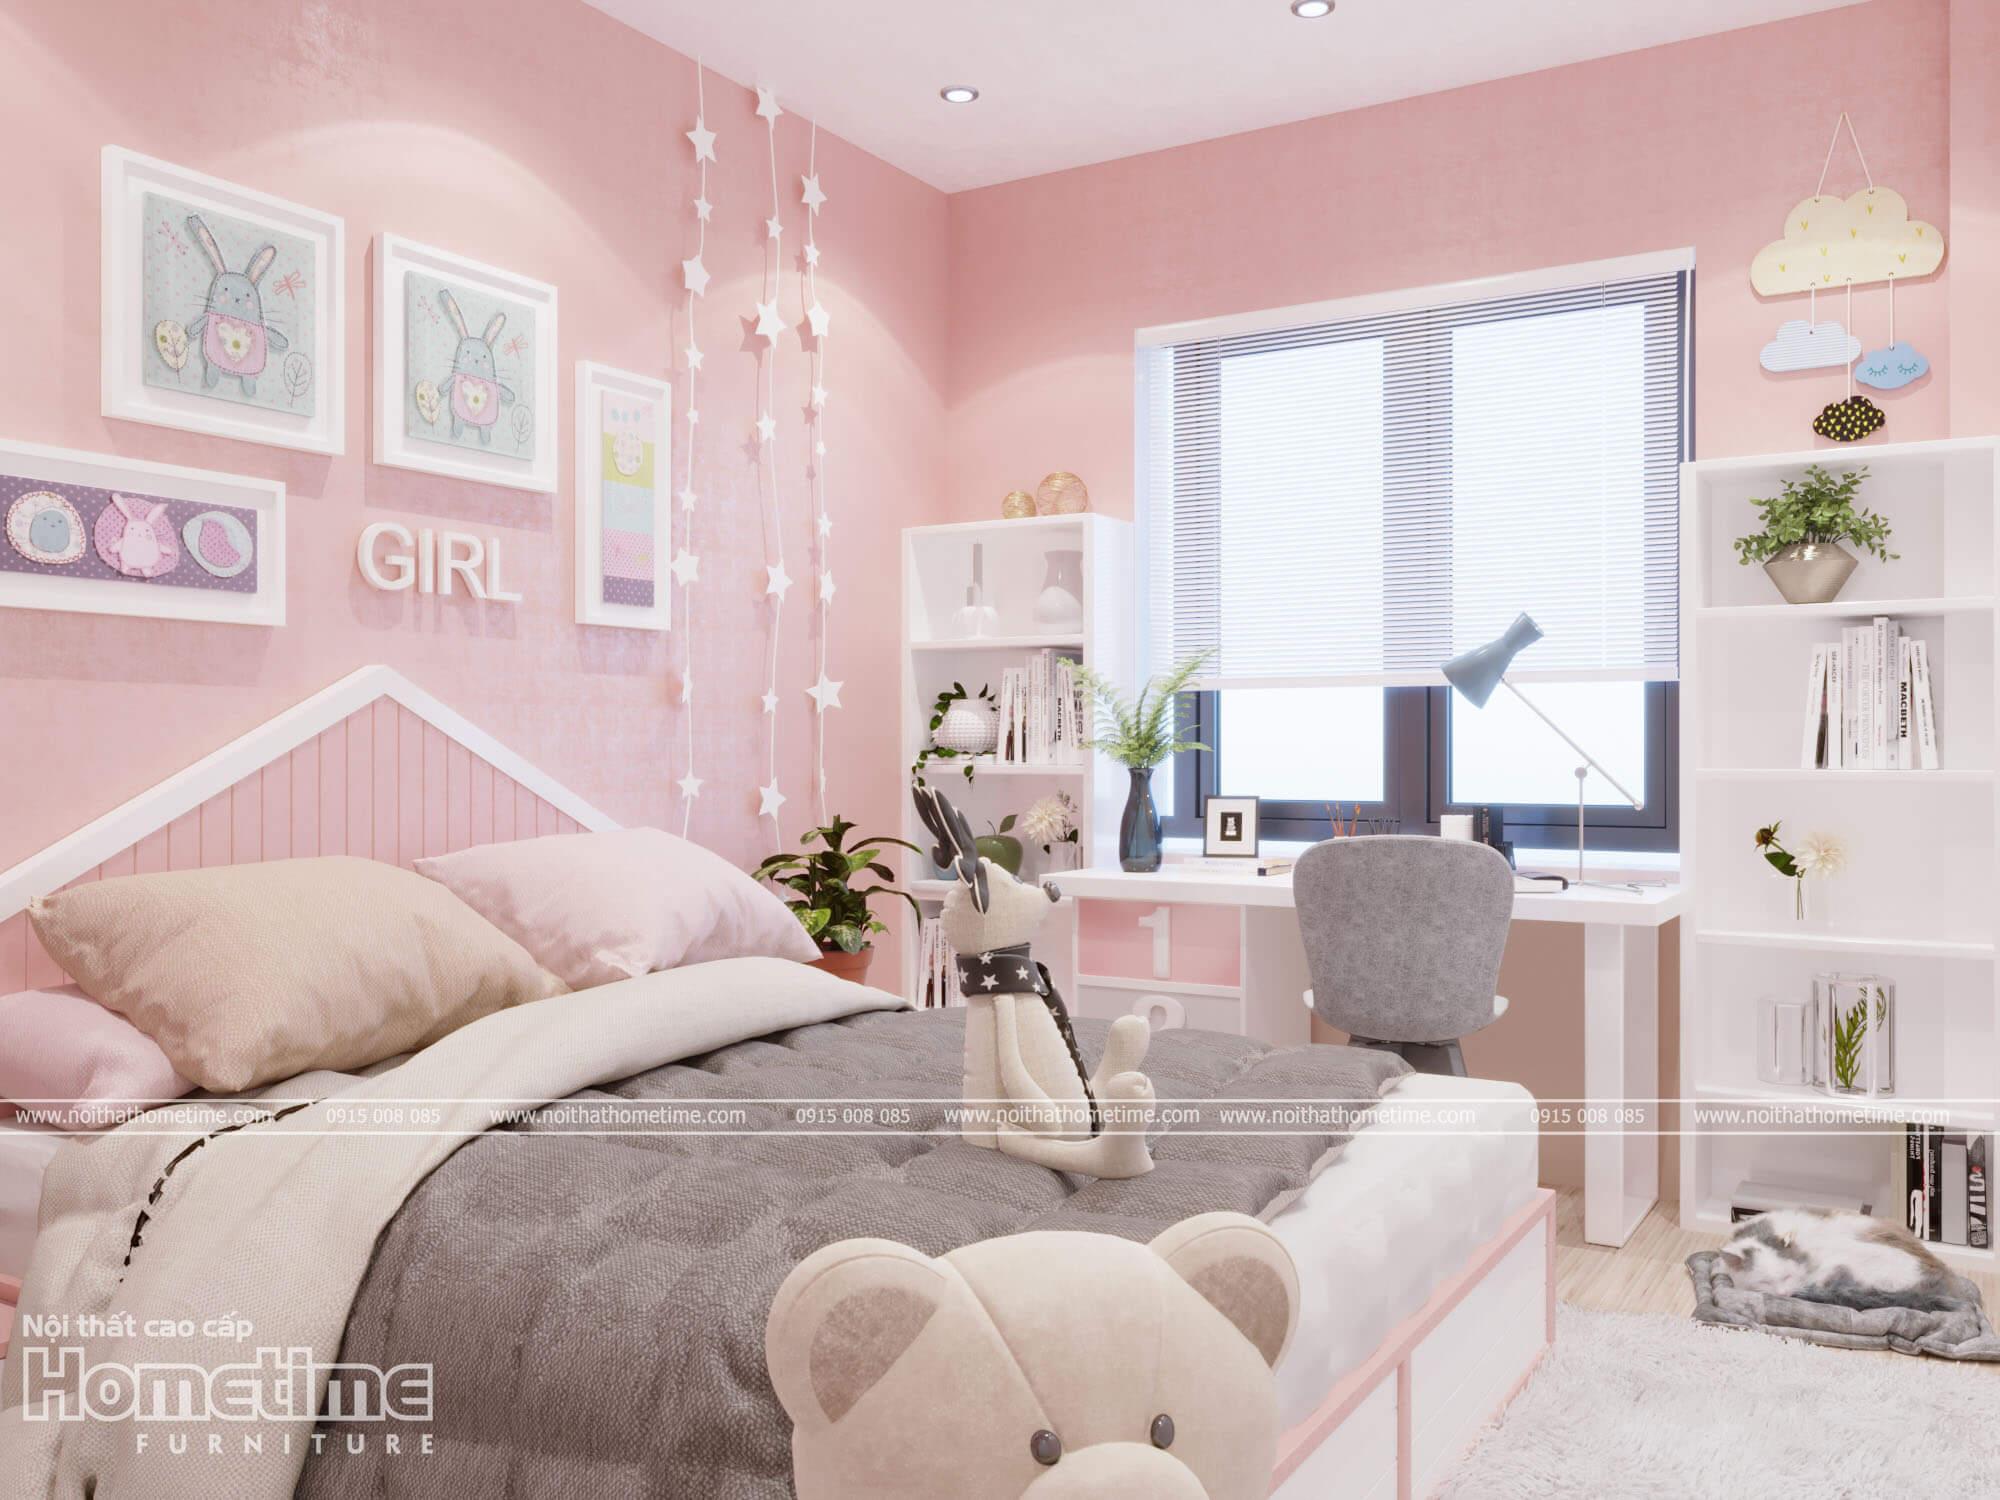 Thiết kế phòng ngủ với ô cửa số lớn đem đến không gian thoáng đãng cho căn phòng